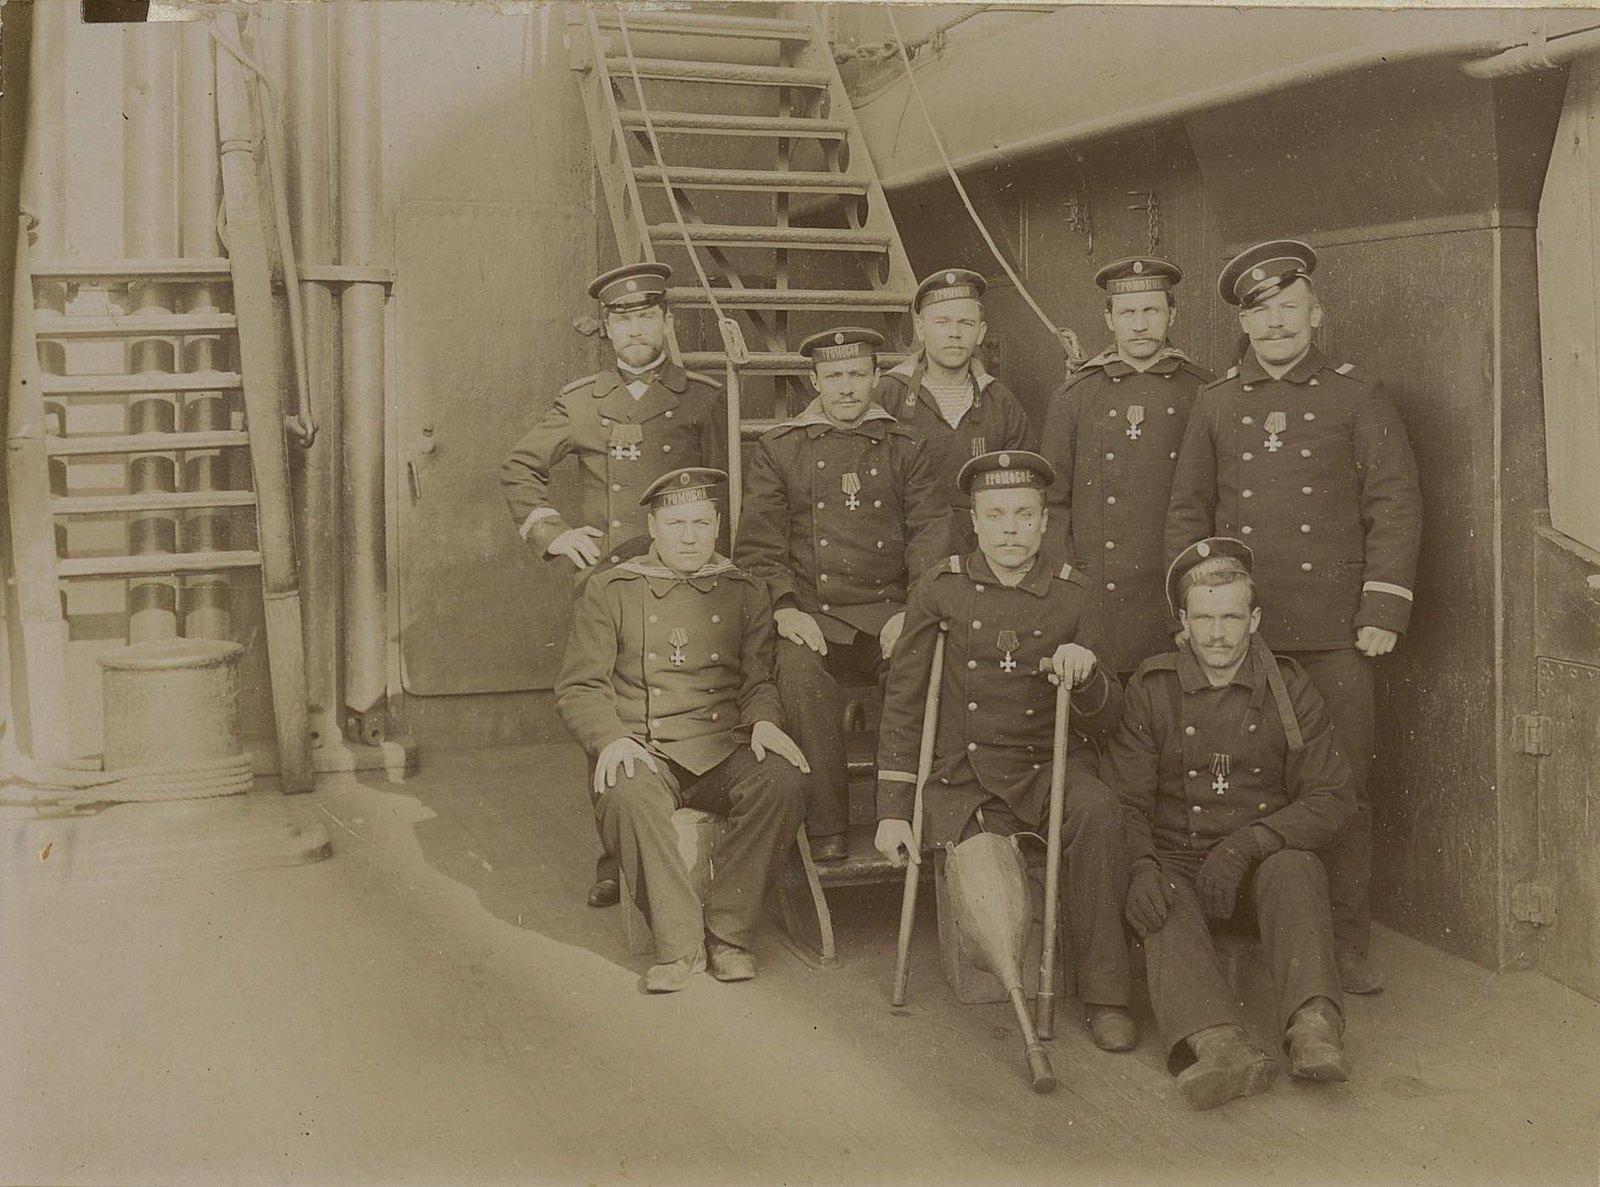 Офицеры и матросы крейсера «Громобой», награждённые Георгиевскими крестами, на палубе корабля.